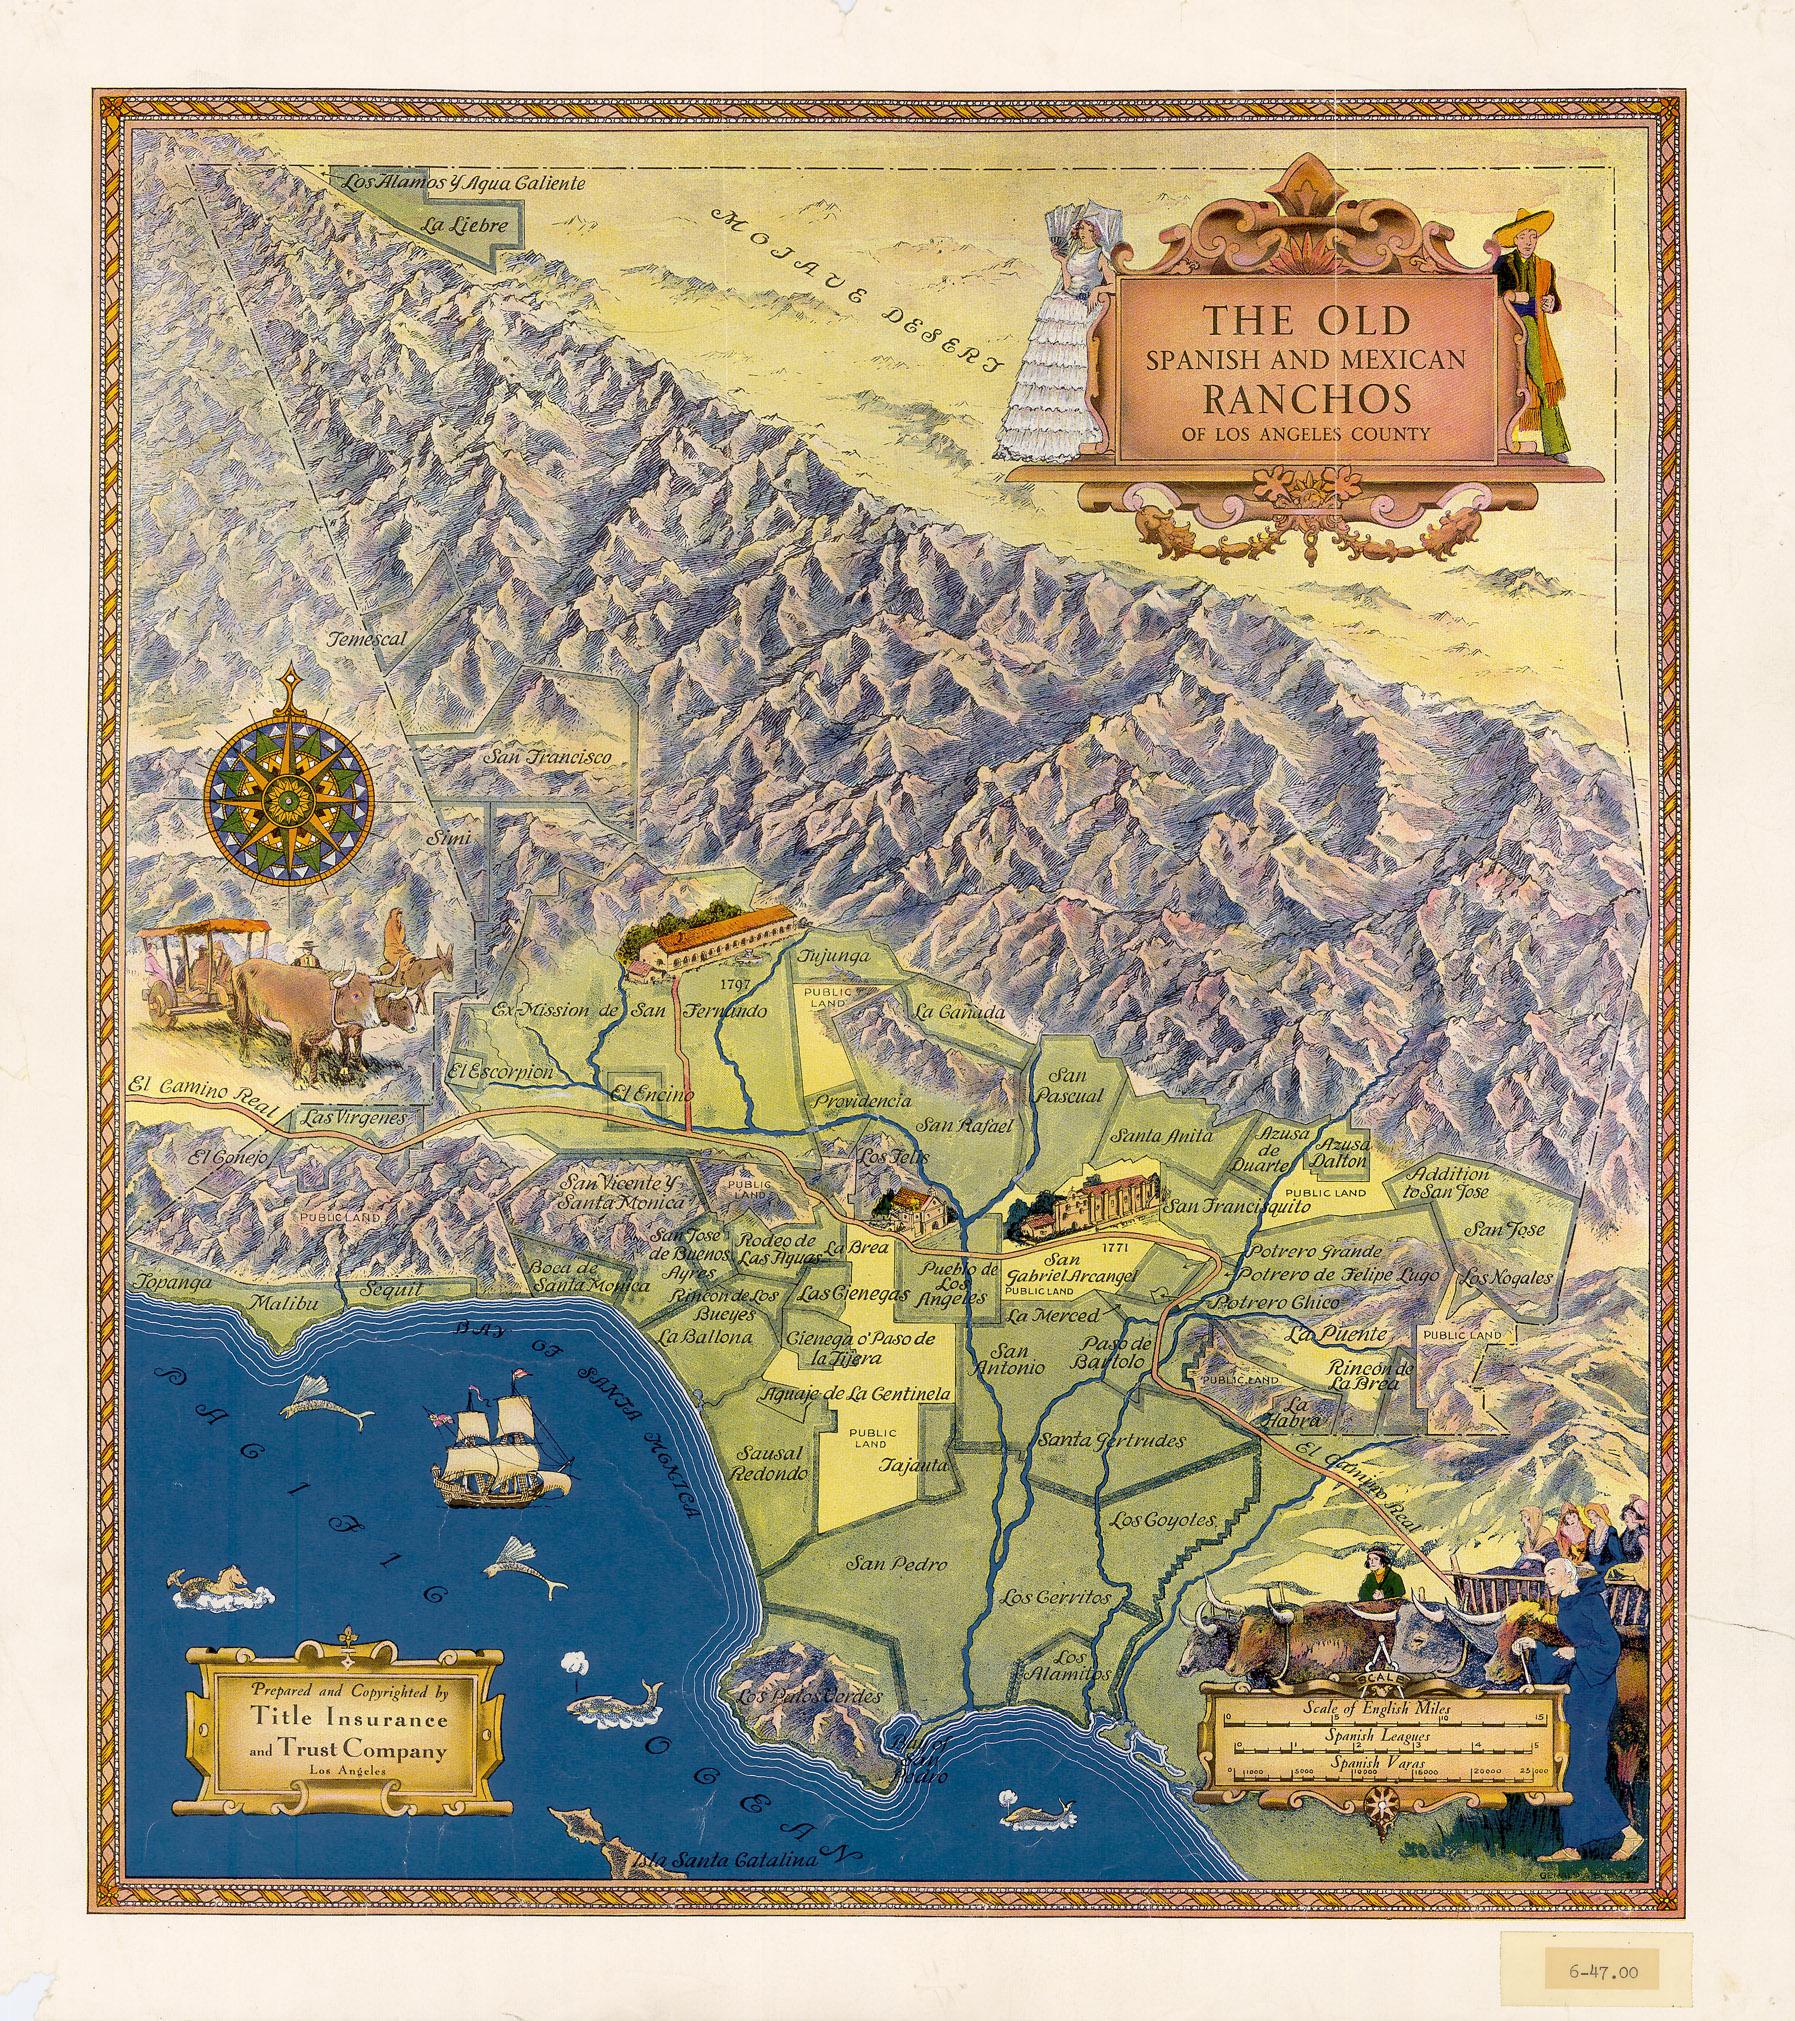 Наглядная карта испанских и мексиканских ранчо в Лос-Анджелесе